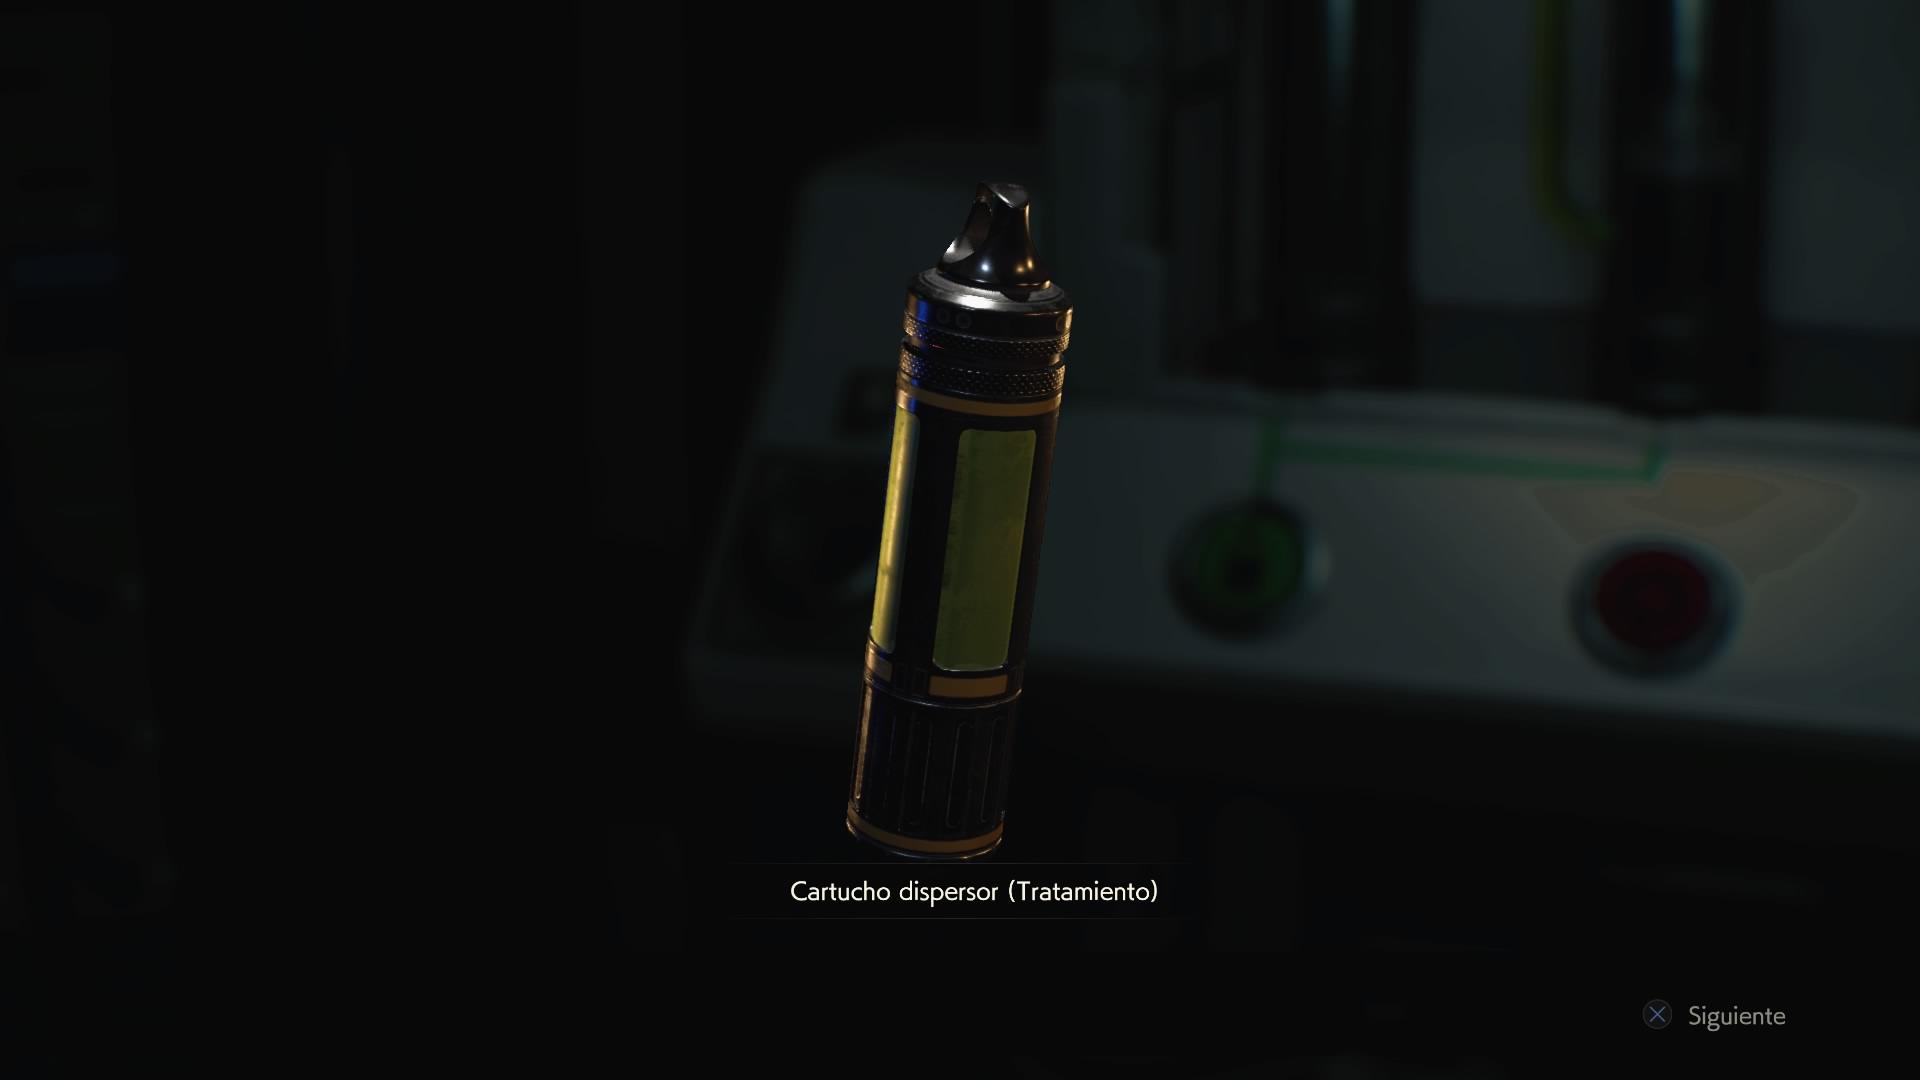 Cartucho dispersor (Tratamiento)